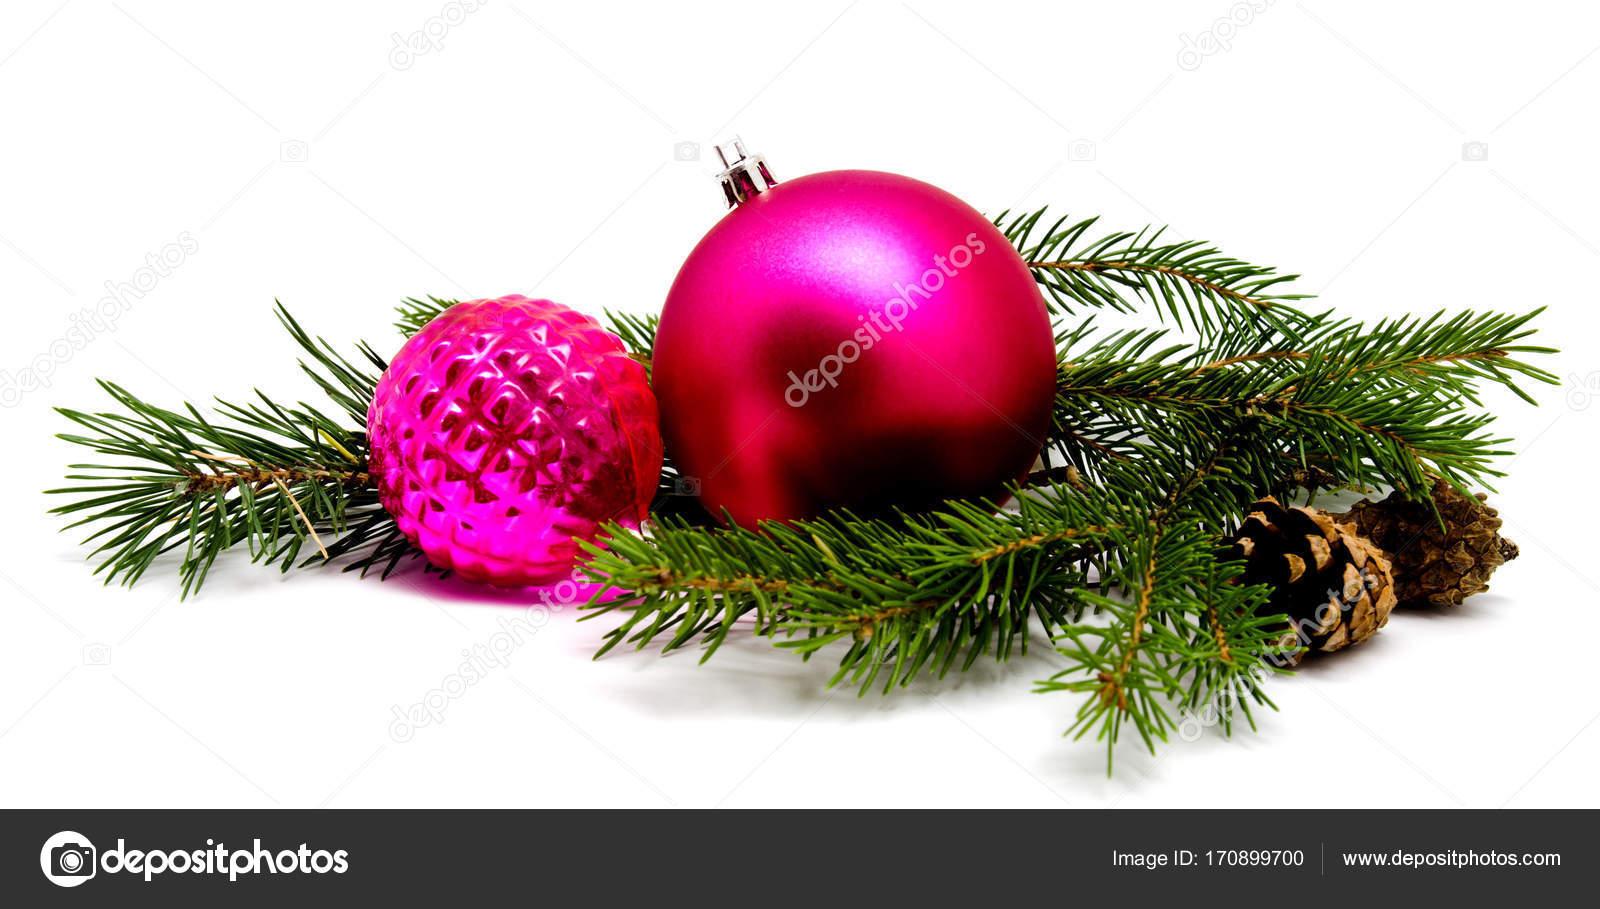 weihnachtskugeln deko lila magenta mit tannenzapfen stockfoto svetamart 170899700. Black Bedroom Furniture Sets. Home Design Ideas